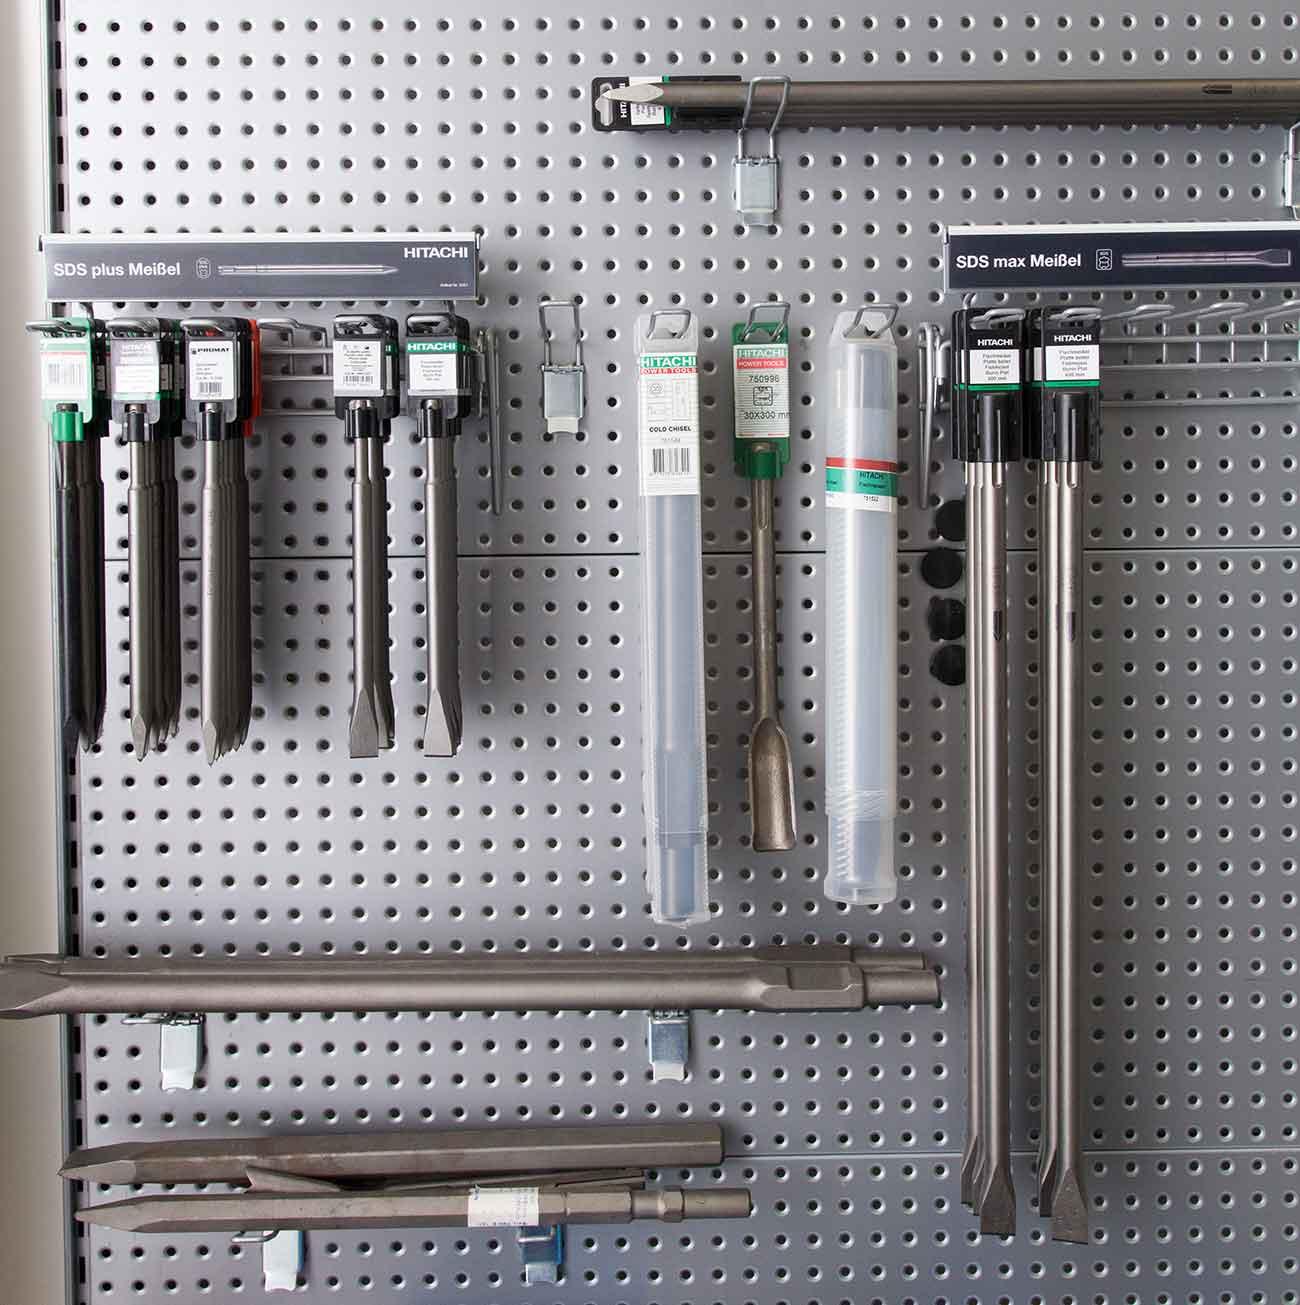 Hitachi Meißel für Hammerbohrer mit SDS Plus oder SDS Max Aufnahme